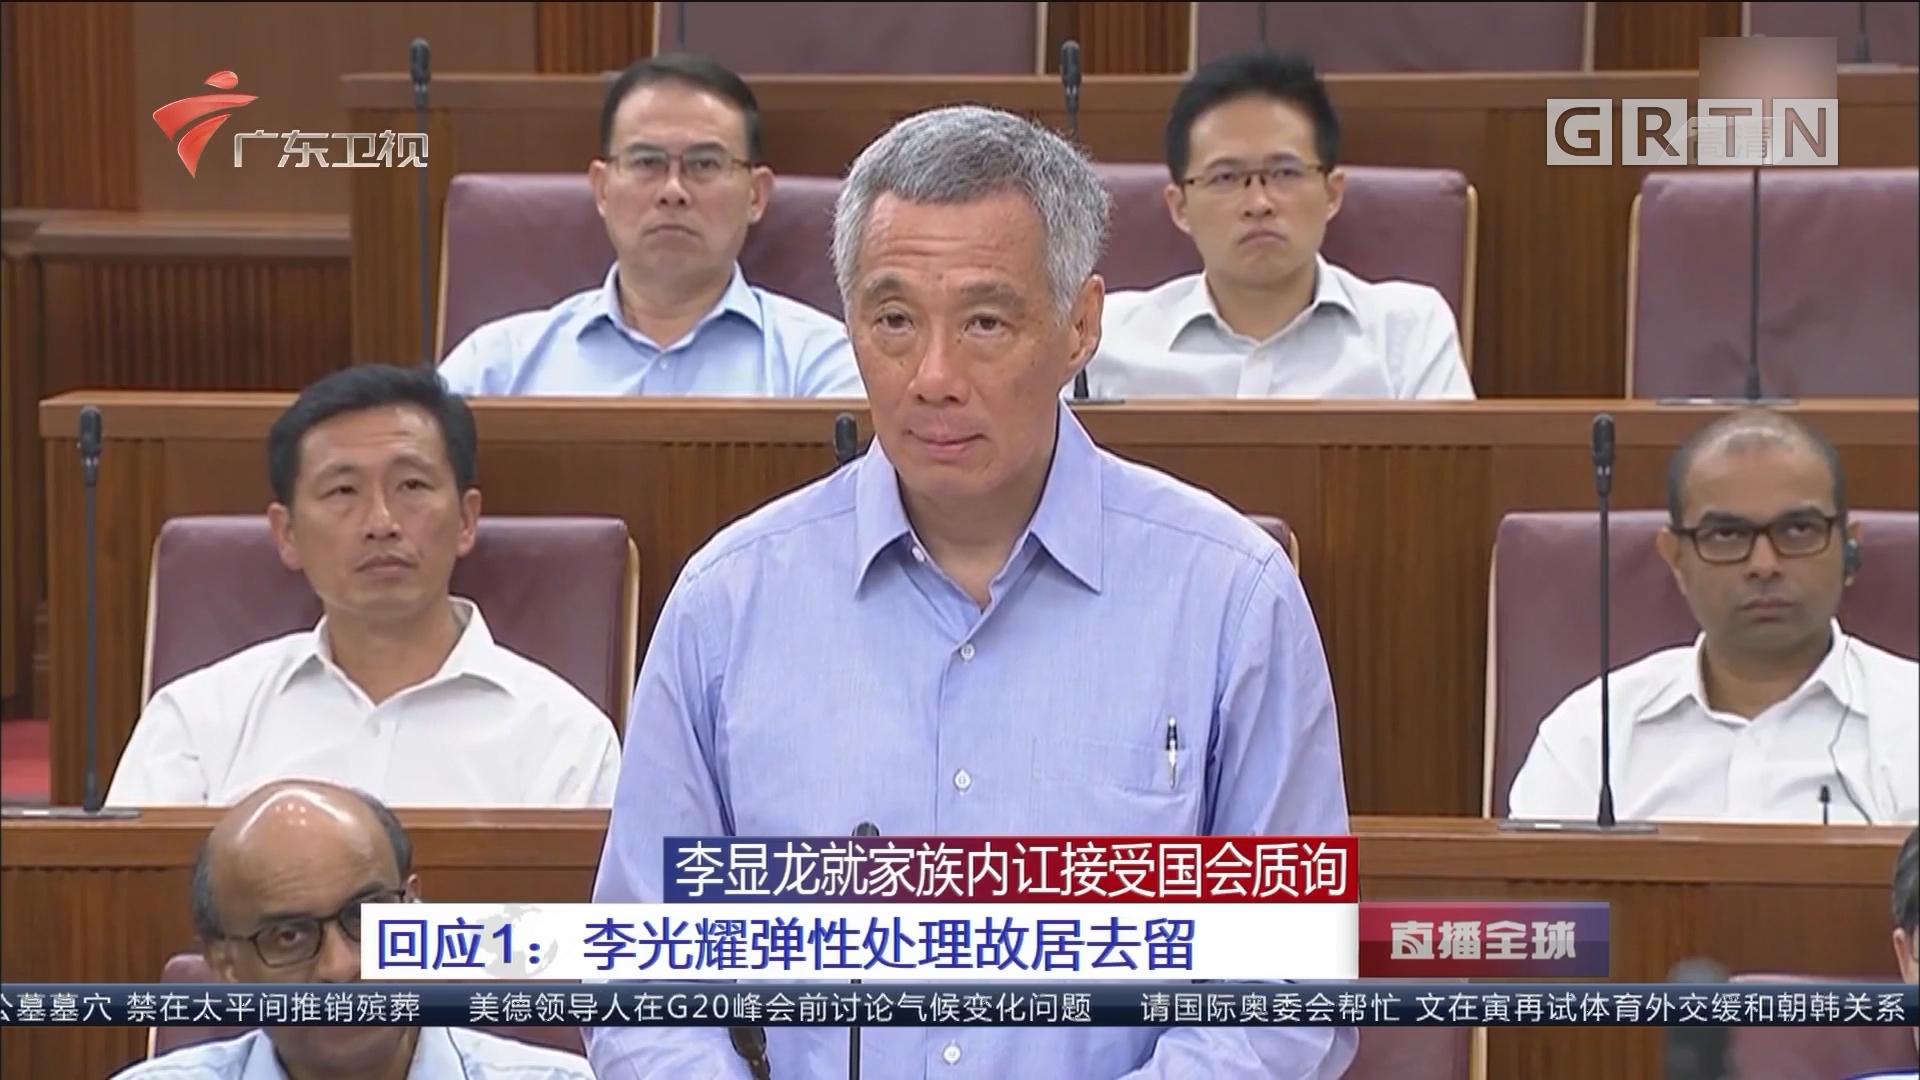 李显龙就家族内讧接受国会质询 回应1:李光耀弹性处理故居去留